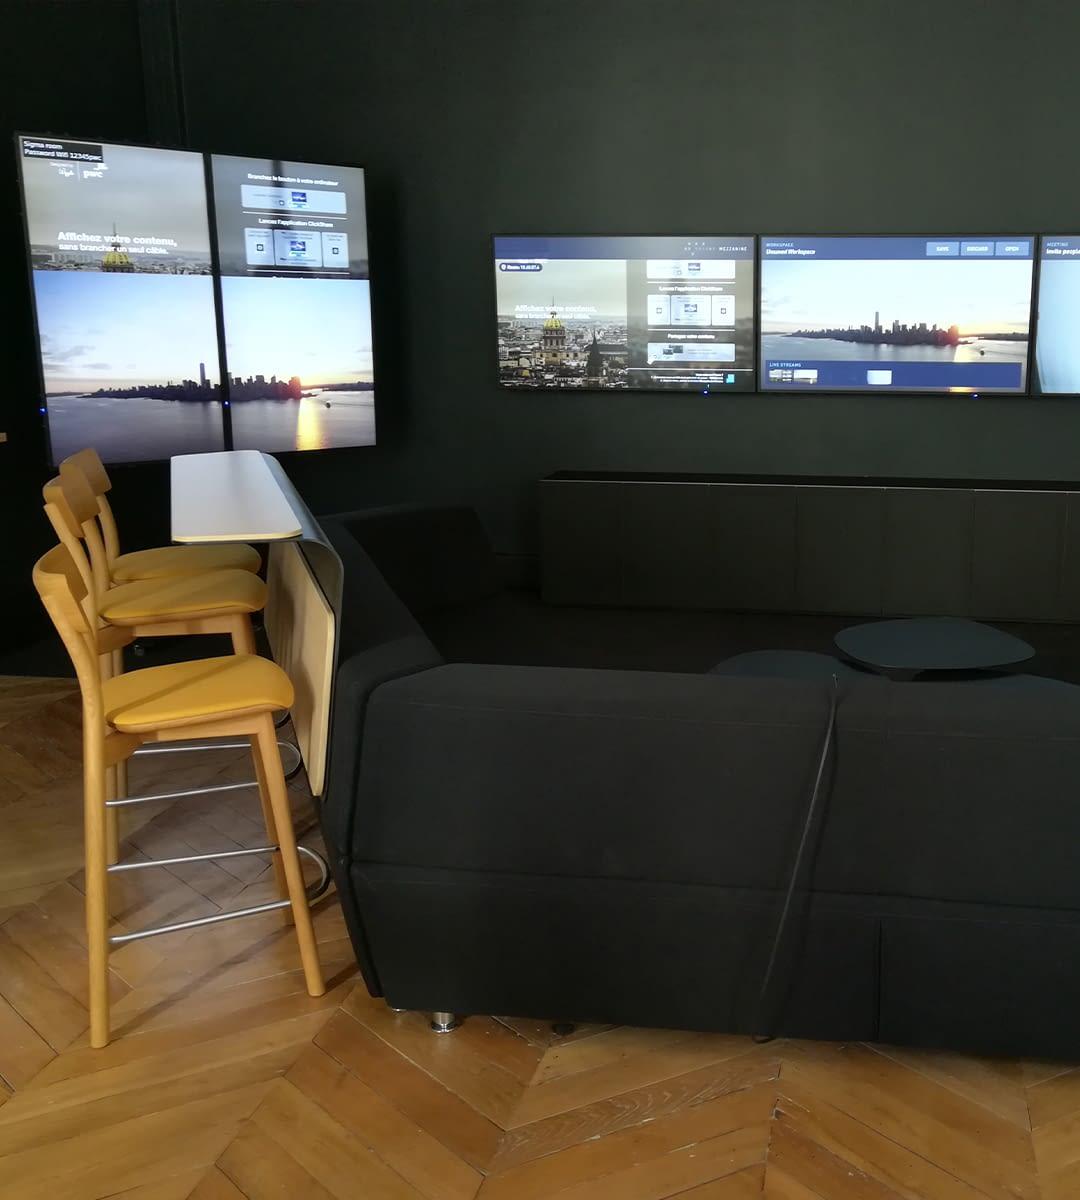 Intégration audiovisuelle salle de réunion pwc experience center par wipple : espace oblong